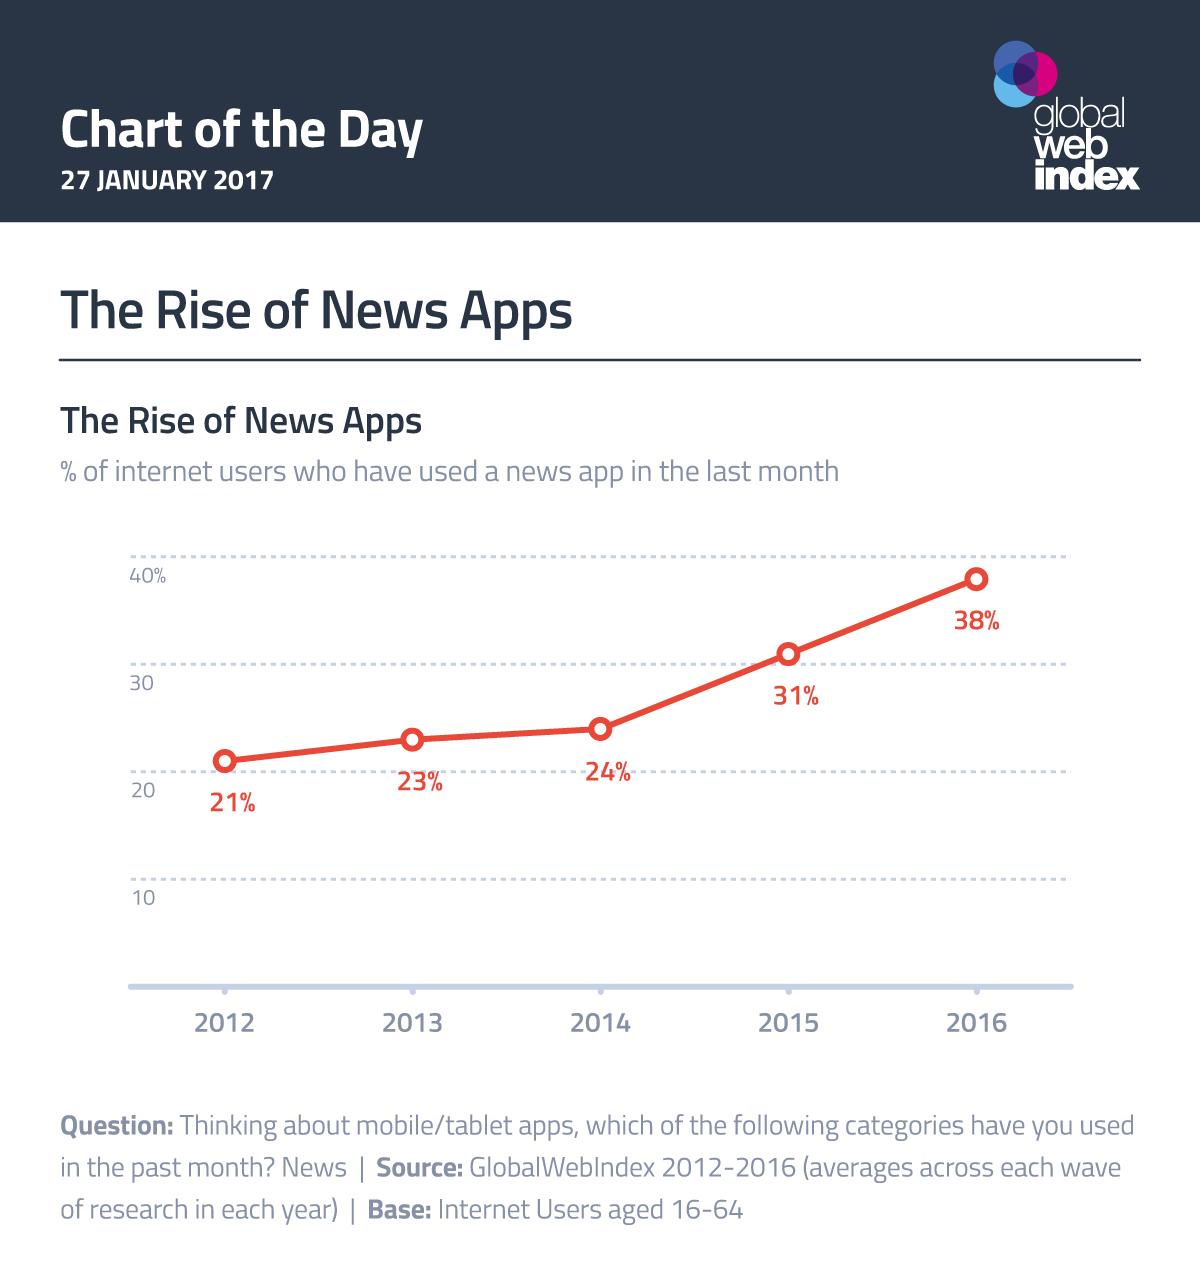 El ascenso de aplicaciones de noticias